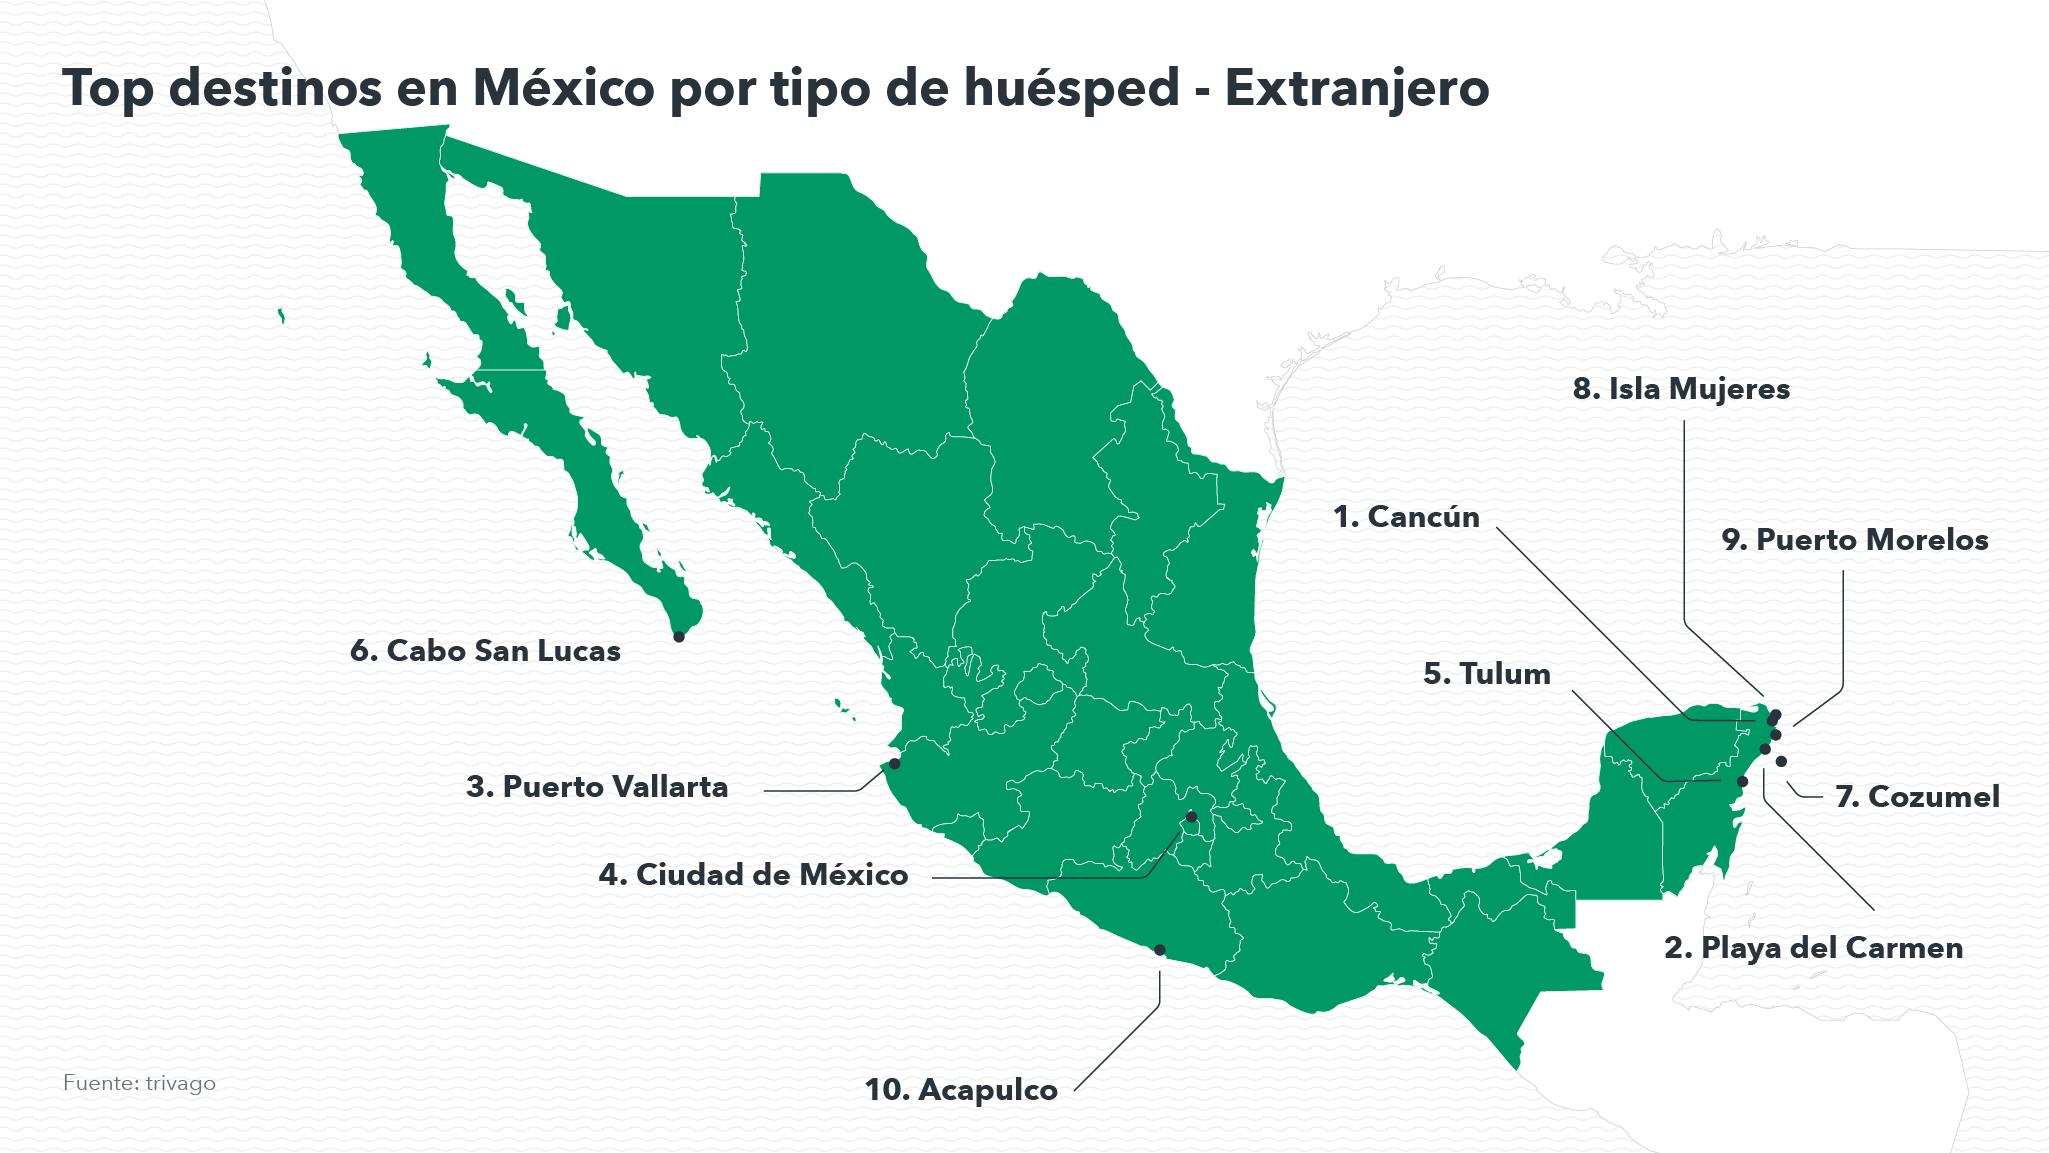 Mapa destinos viajeros internacionales en México